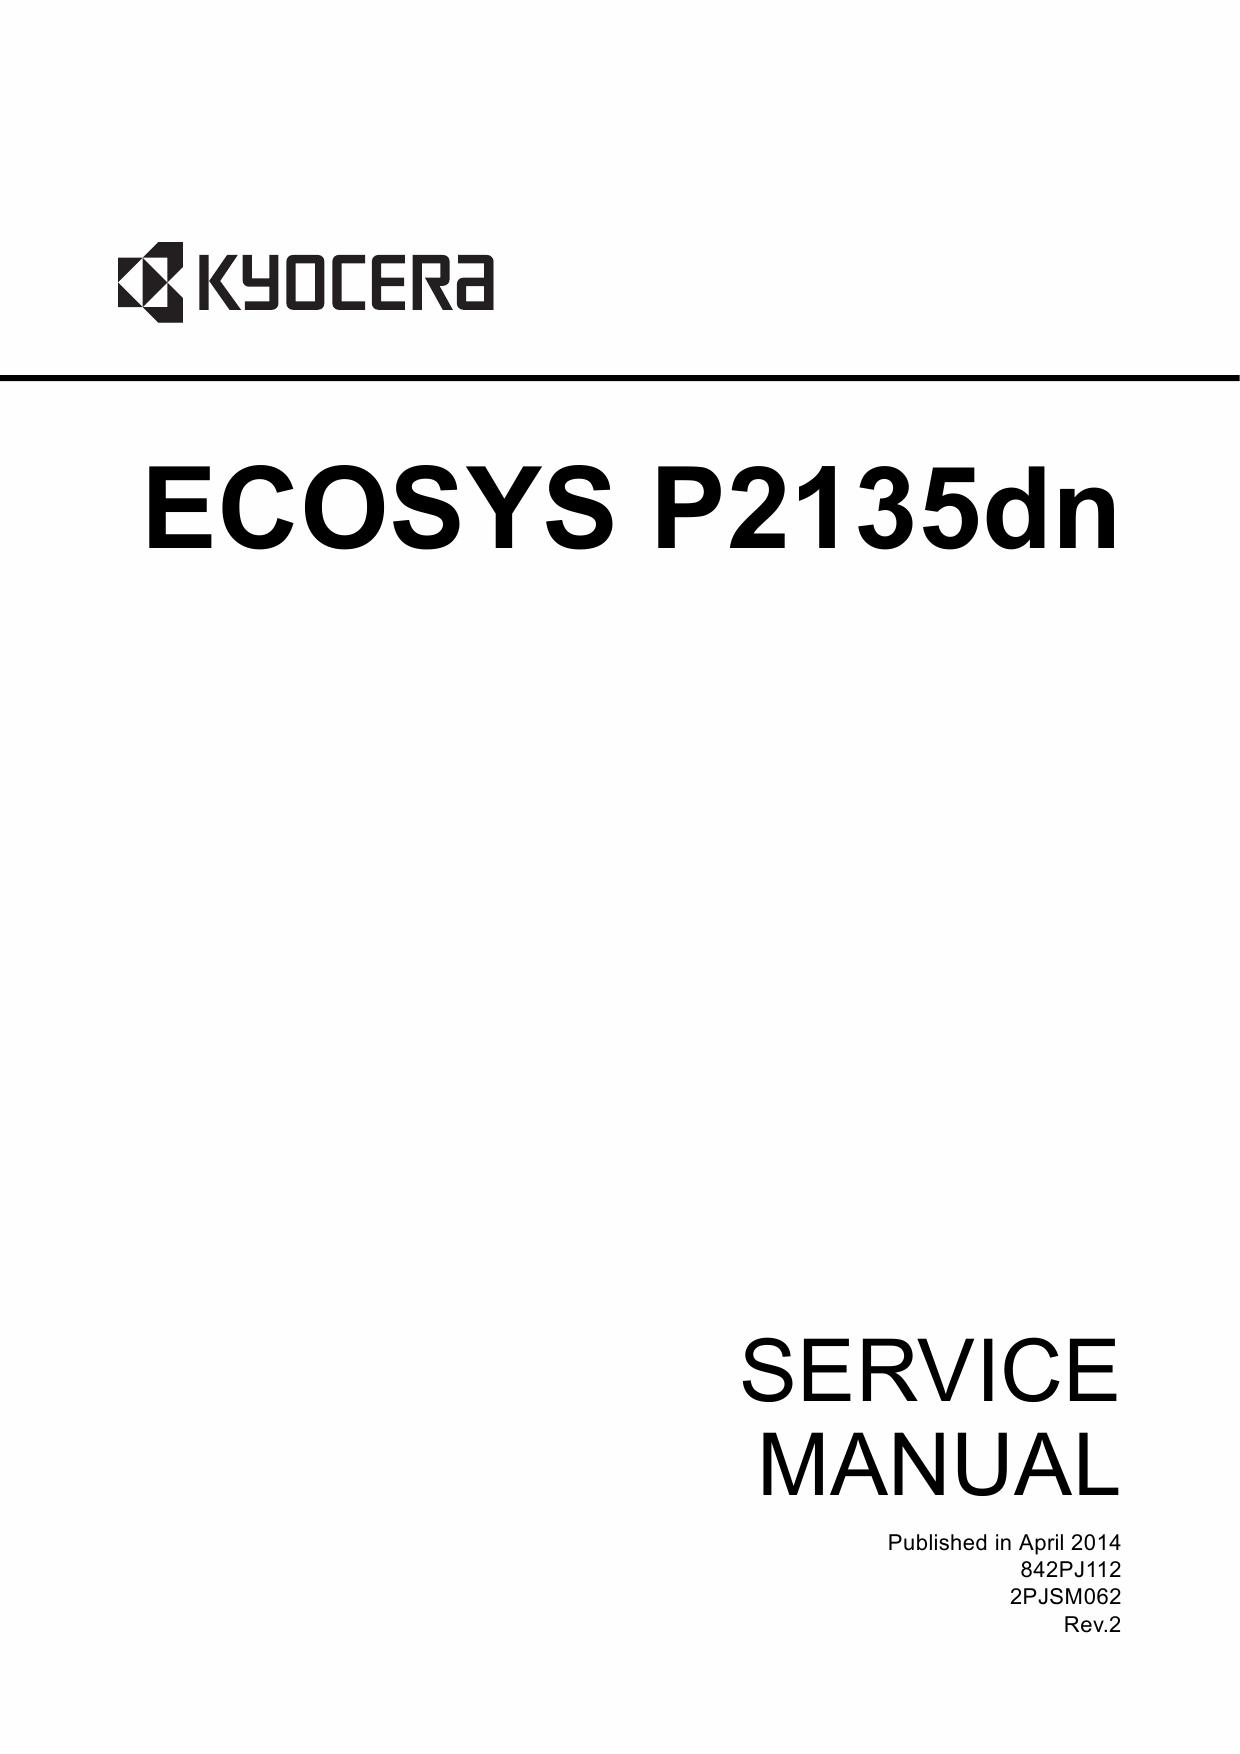 kyocera ecosys p2135dn service manual